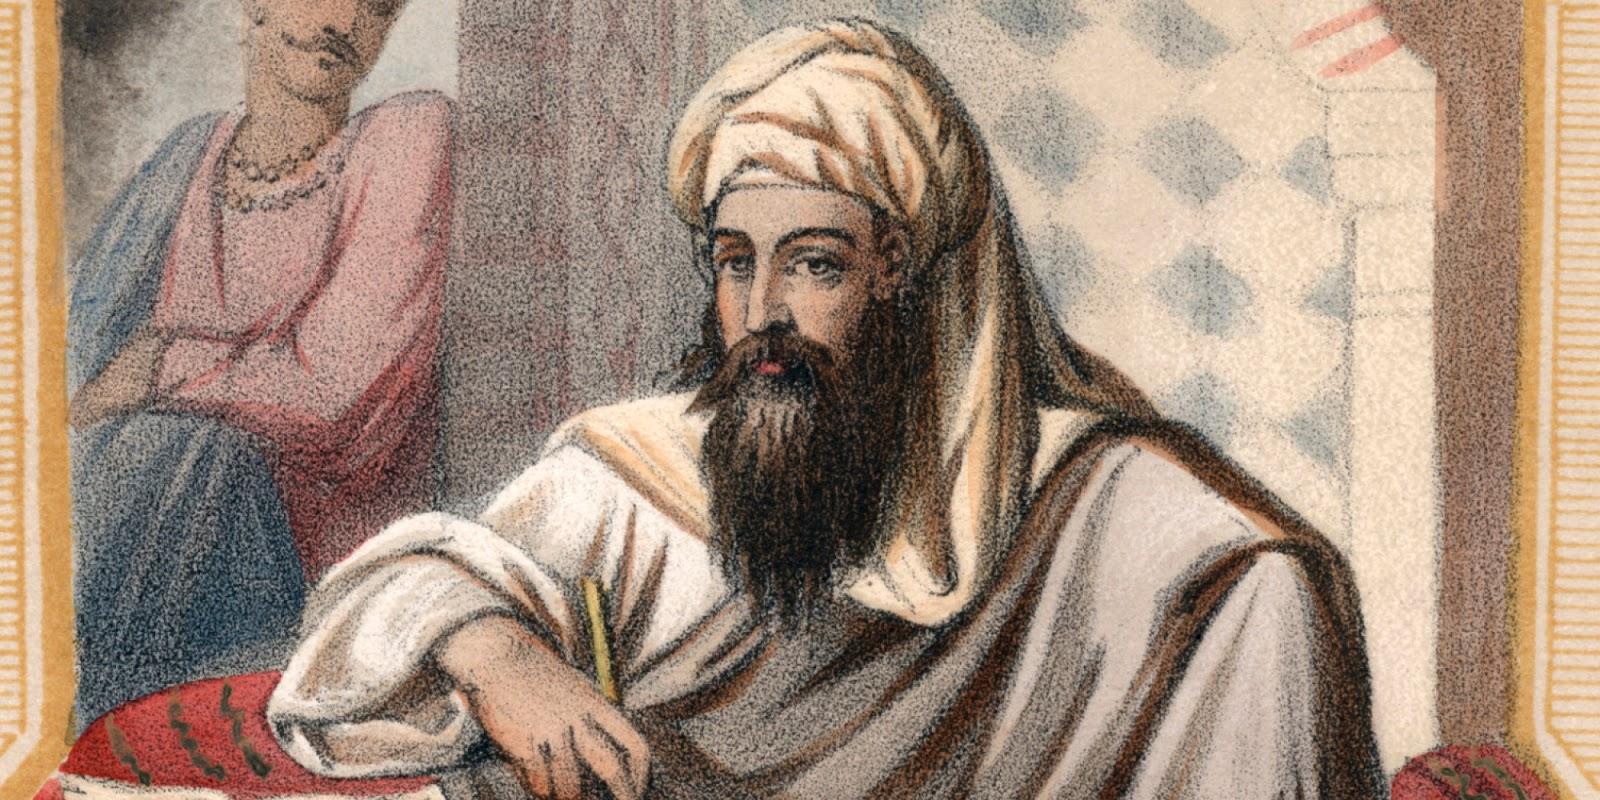 великие мусульманские Пророки